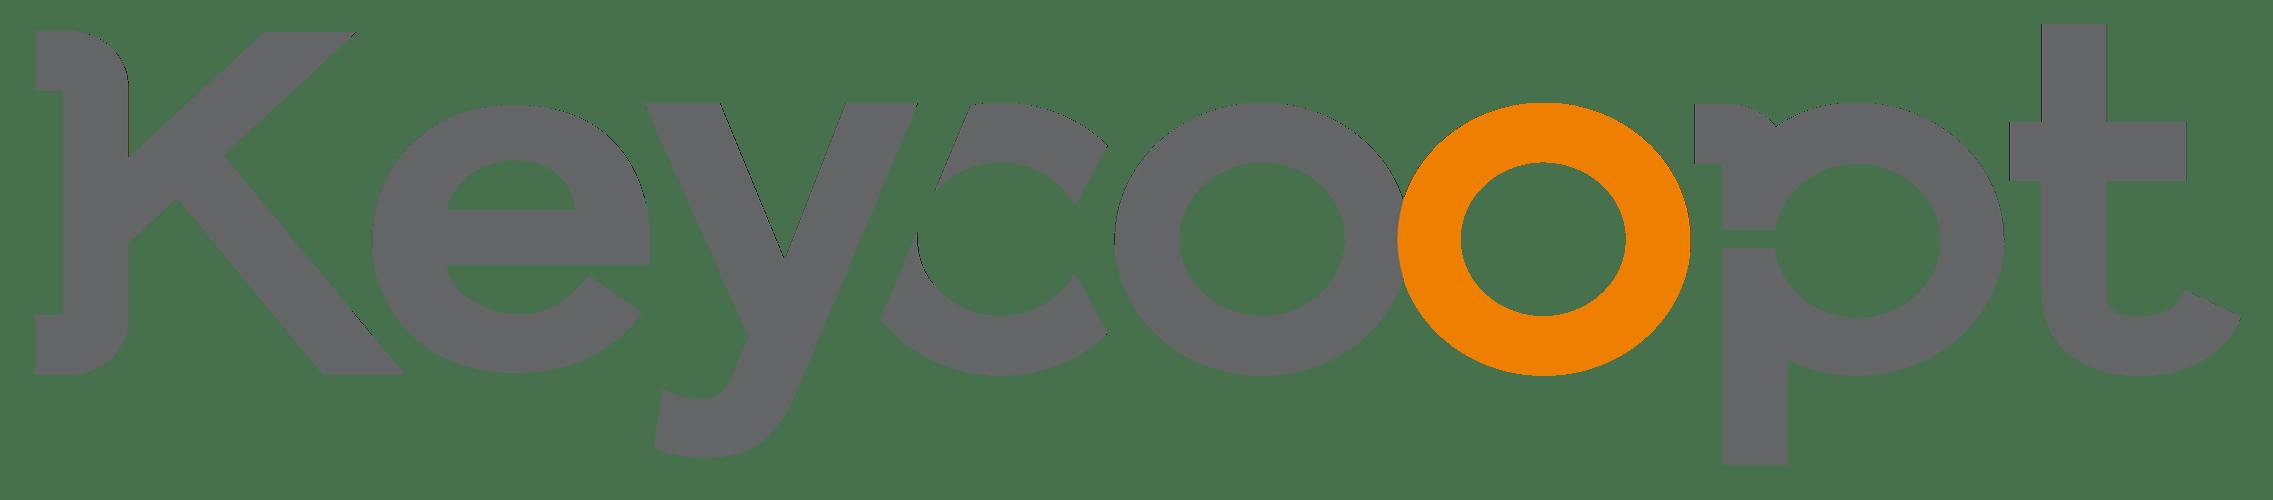 Keycoopt company logo